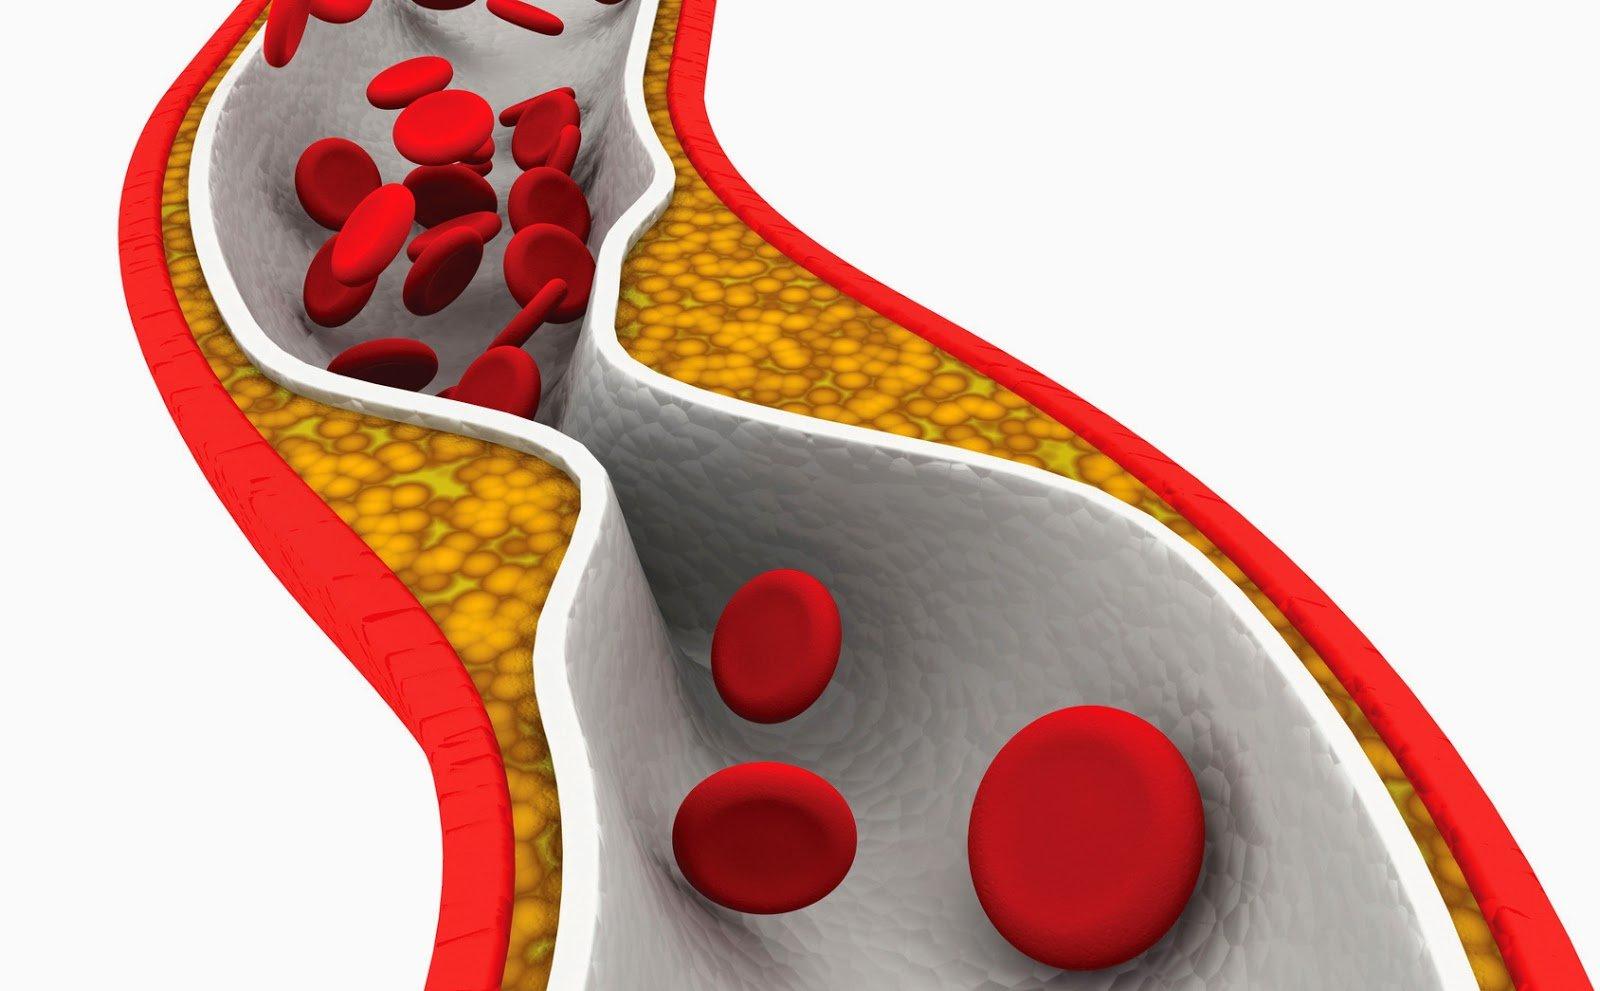 10-nivel-de-colesterol